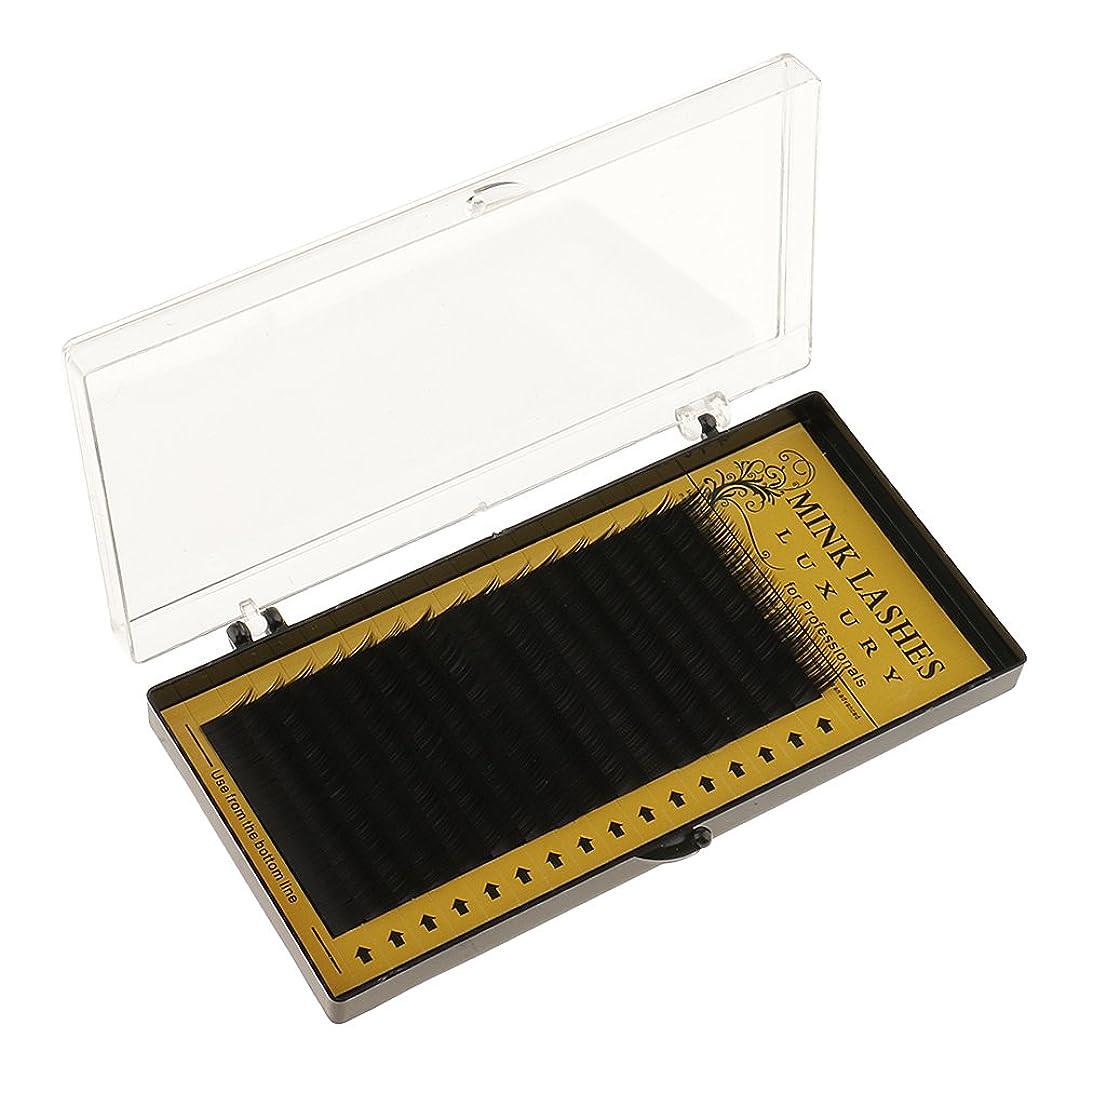 特権的ストライプ暴徒Baosity 全3サイズ 約8-12mm プロ 美容室 ナチュラル まつげエステ ファブリック つけまつげ まつげ拡張 延長 ソフト  - 10mm